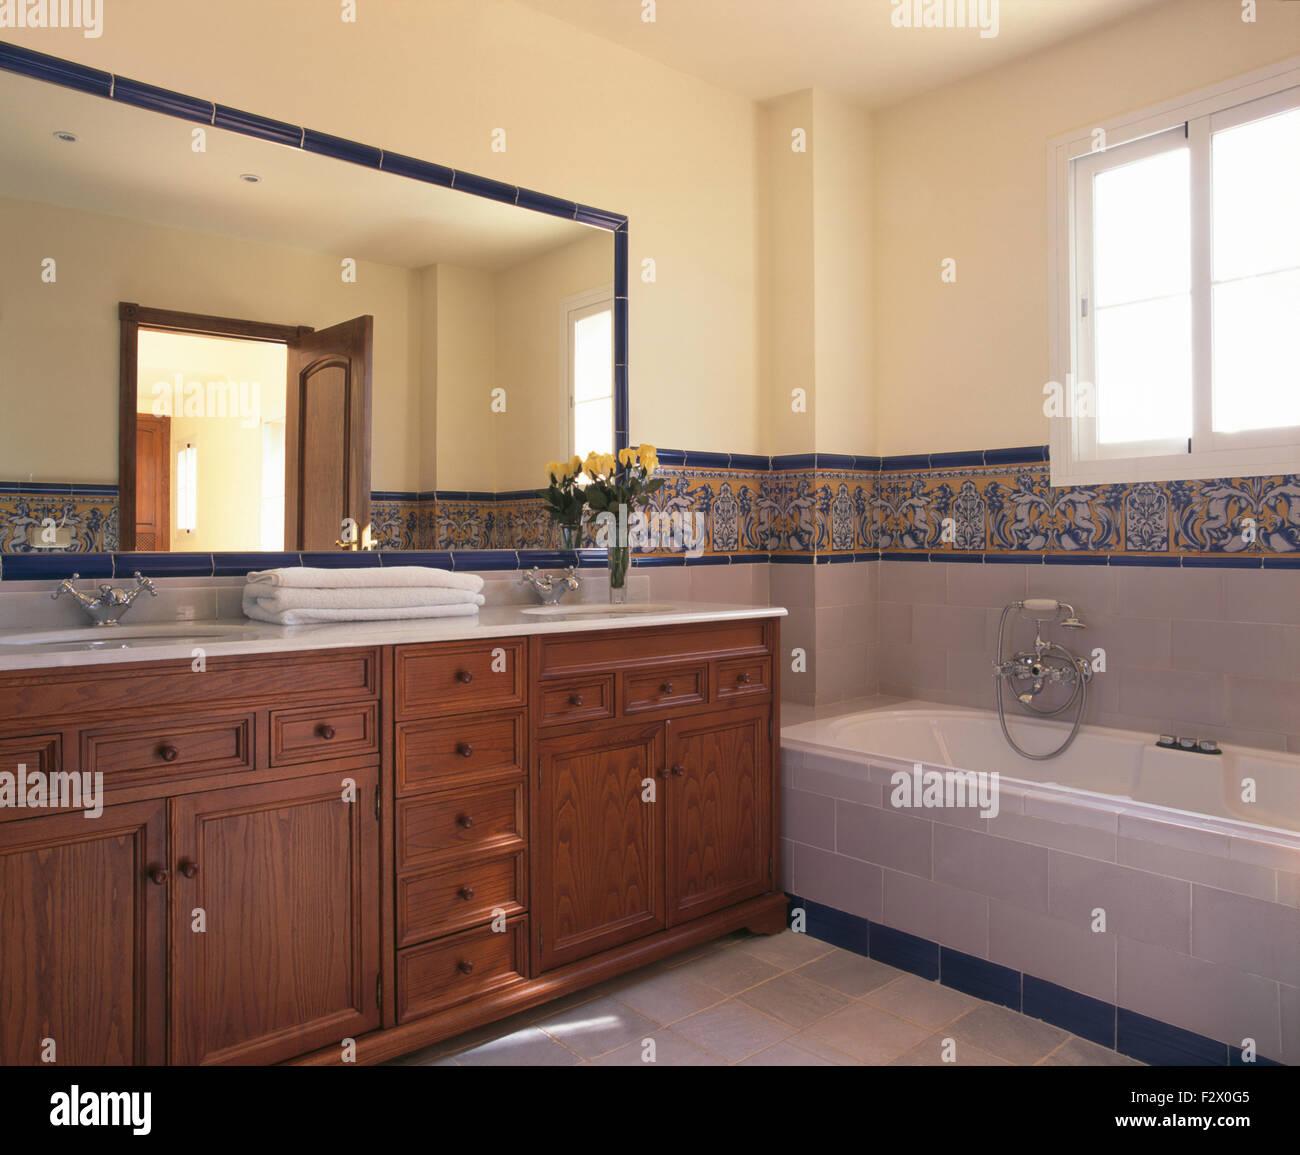 Gran espejo tocador de madera arriba en espa ol moderno for Bajo gabinete tocador bano de madera